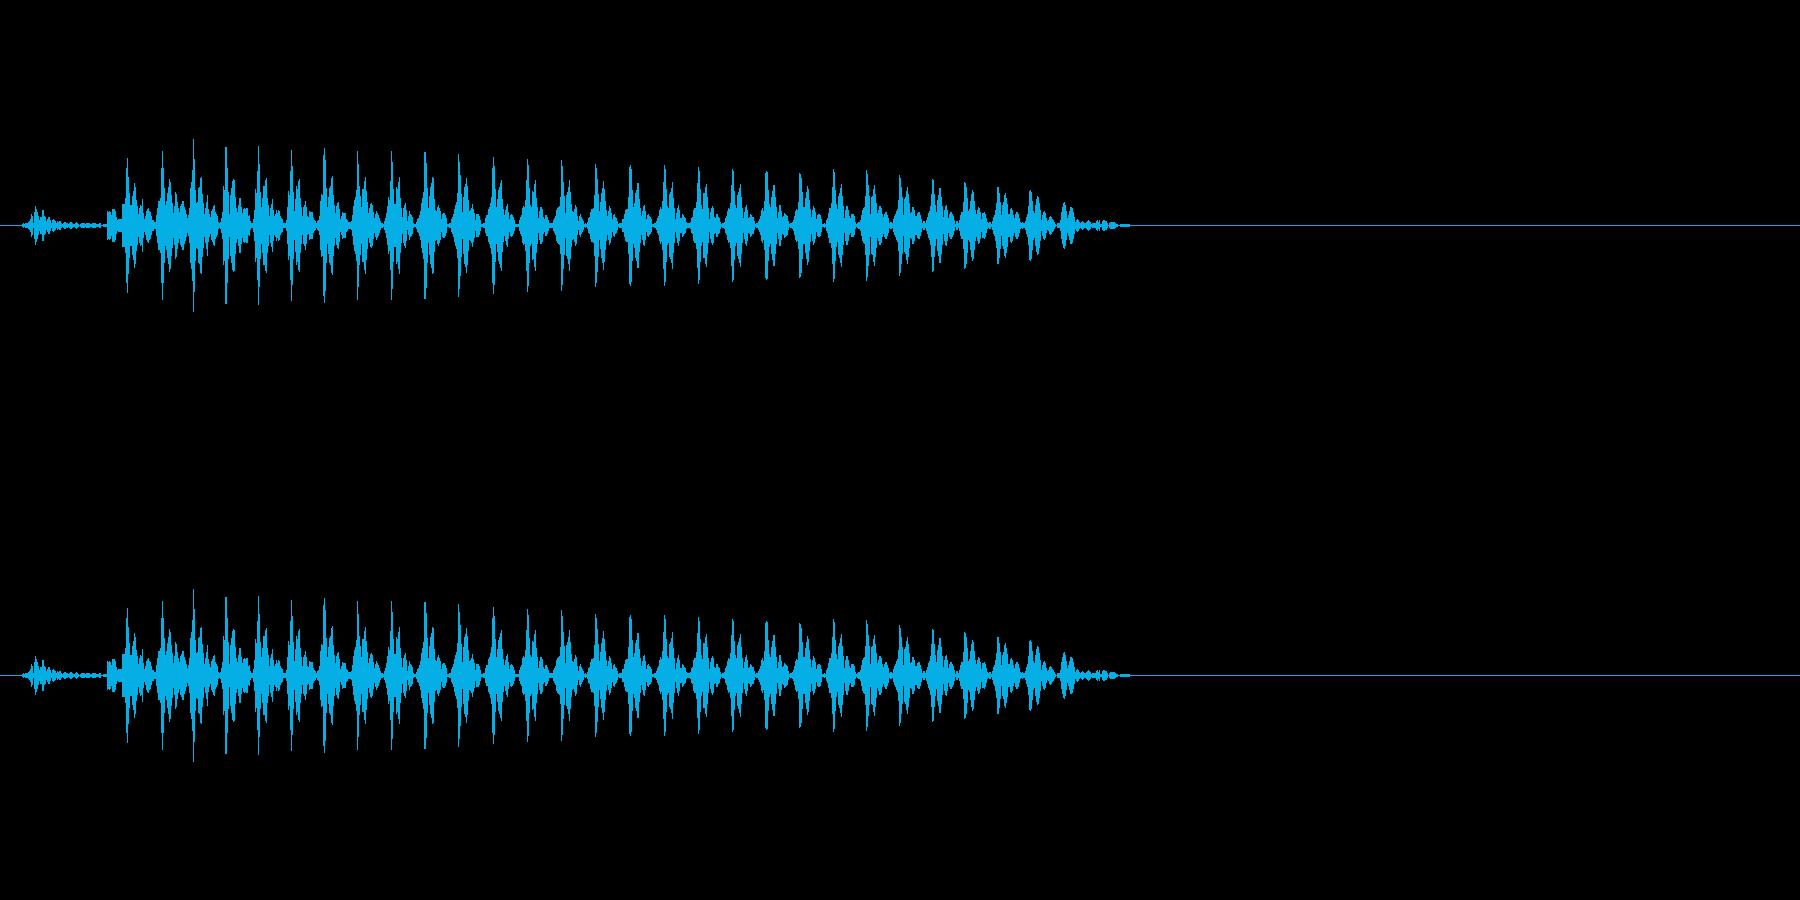 ンー5(五)中国語(広東)20代男の再生済みの波形